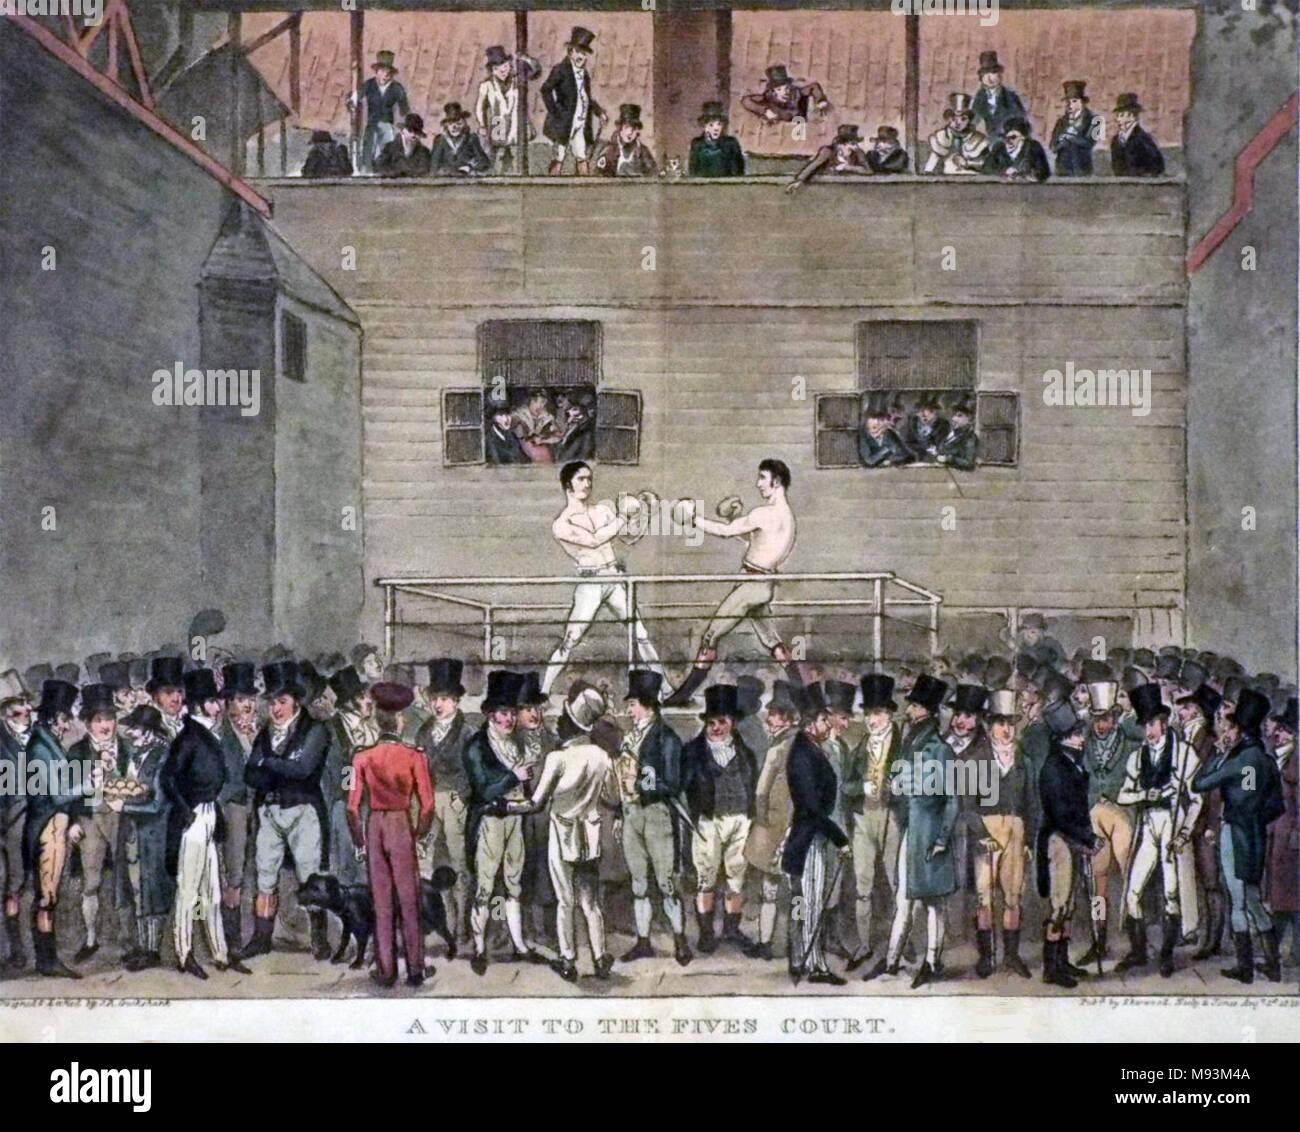 Incontro di Boxe a cinque Corti, Londra, circa 1815 Immagini Stock